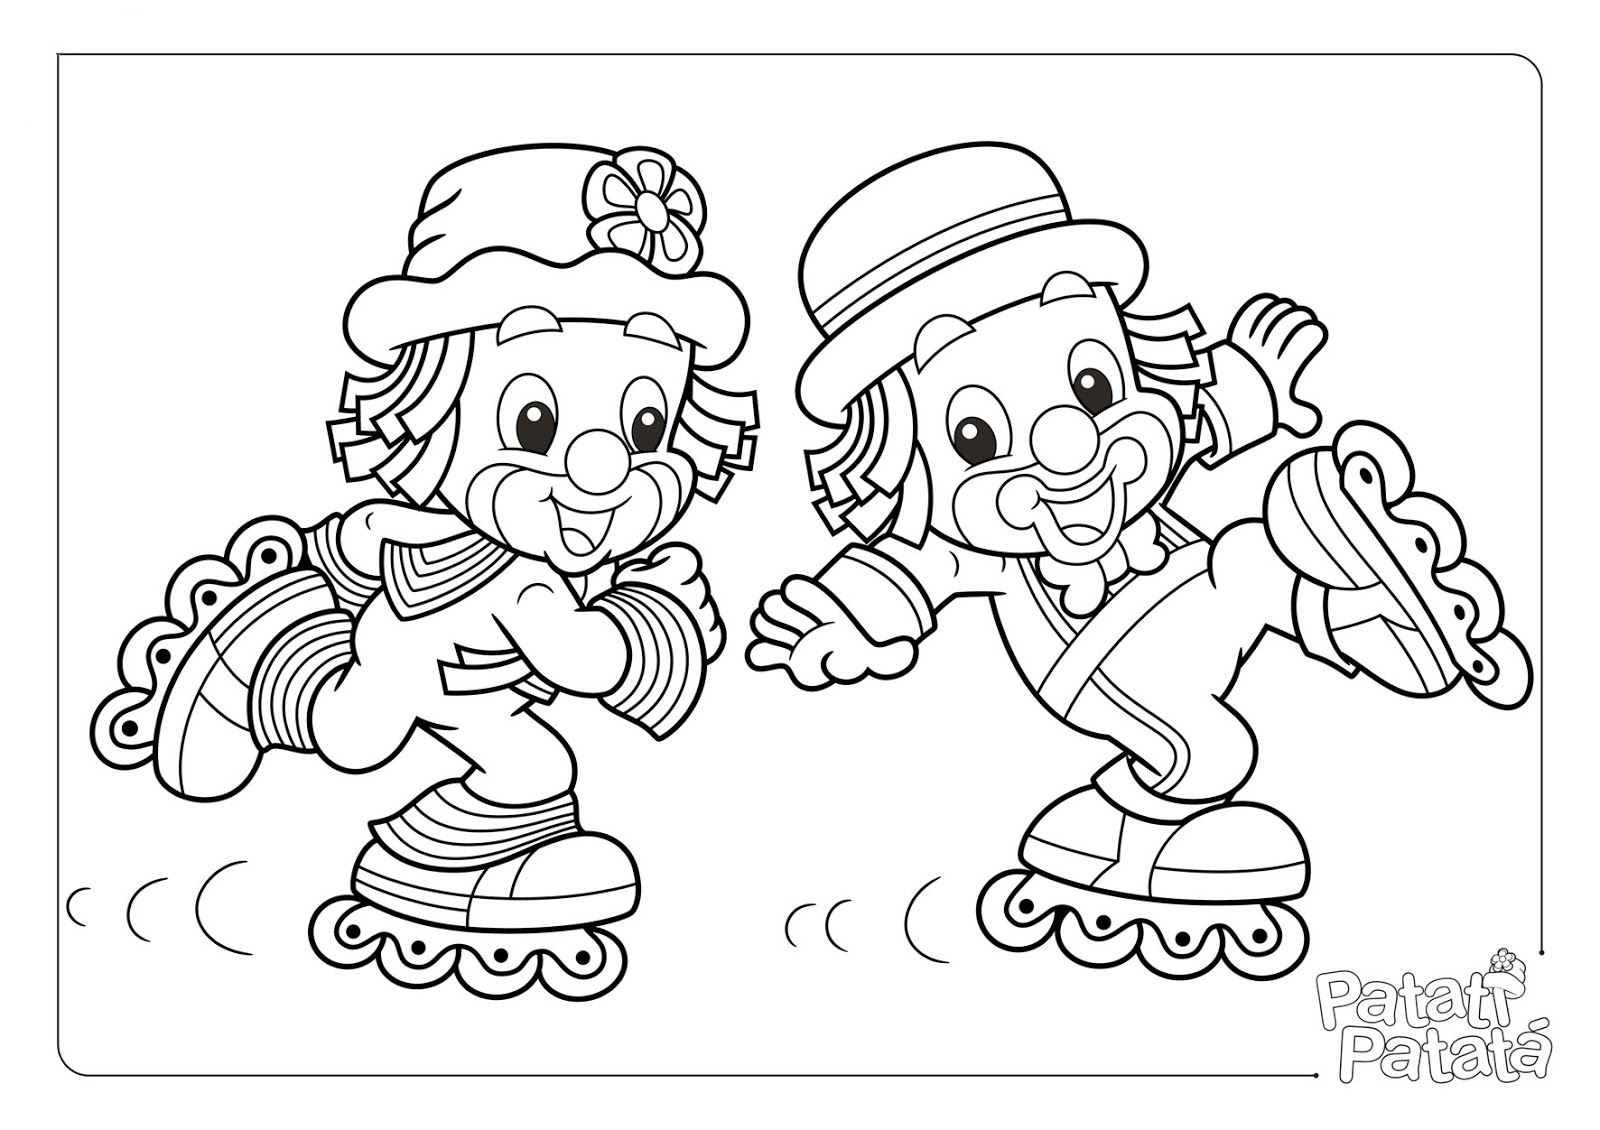 desenhos para colorir e imprimir desenhos do patati